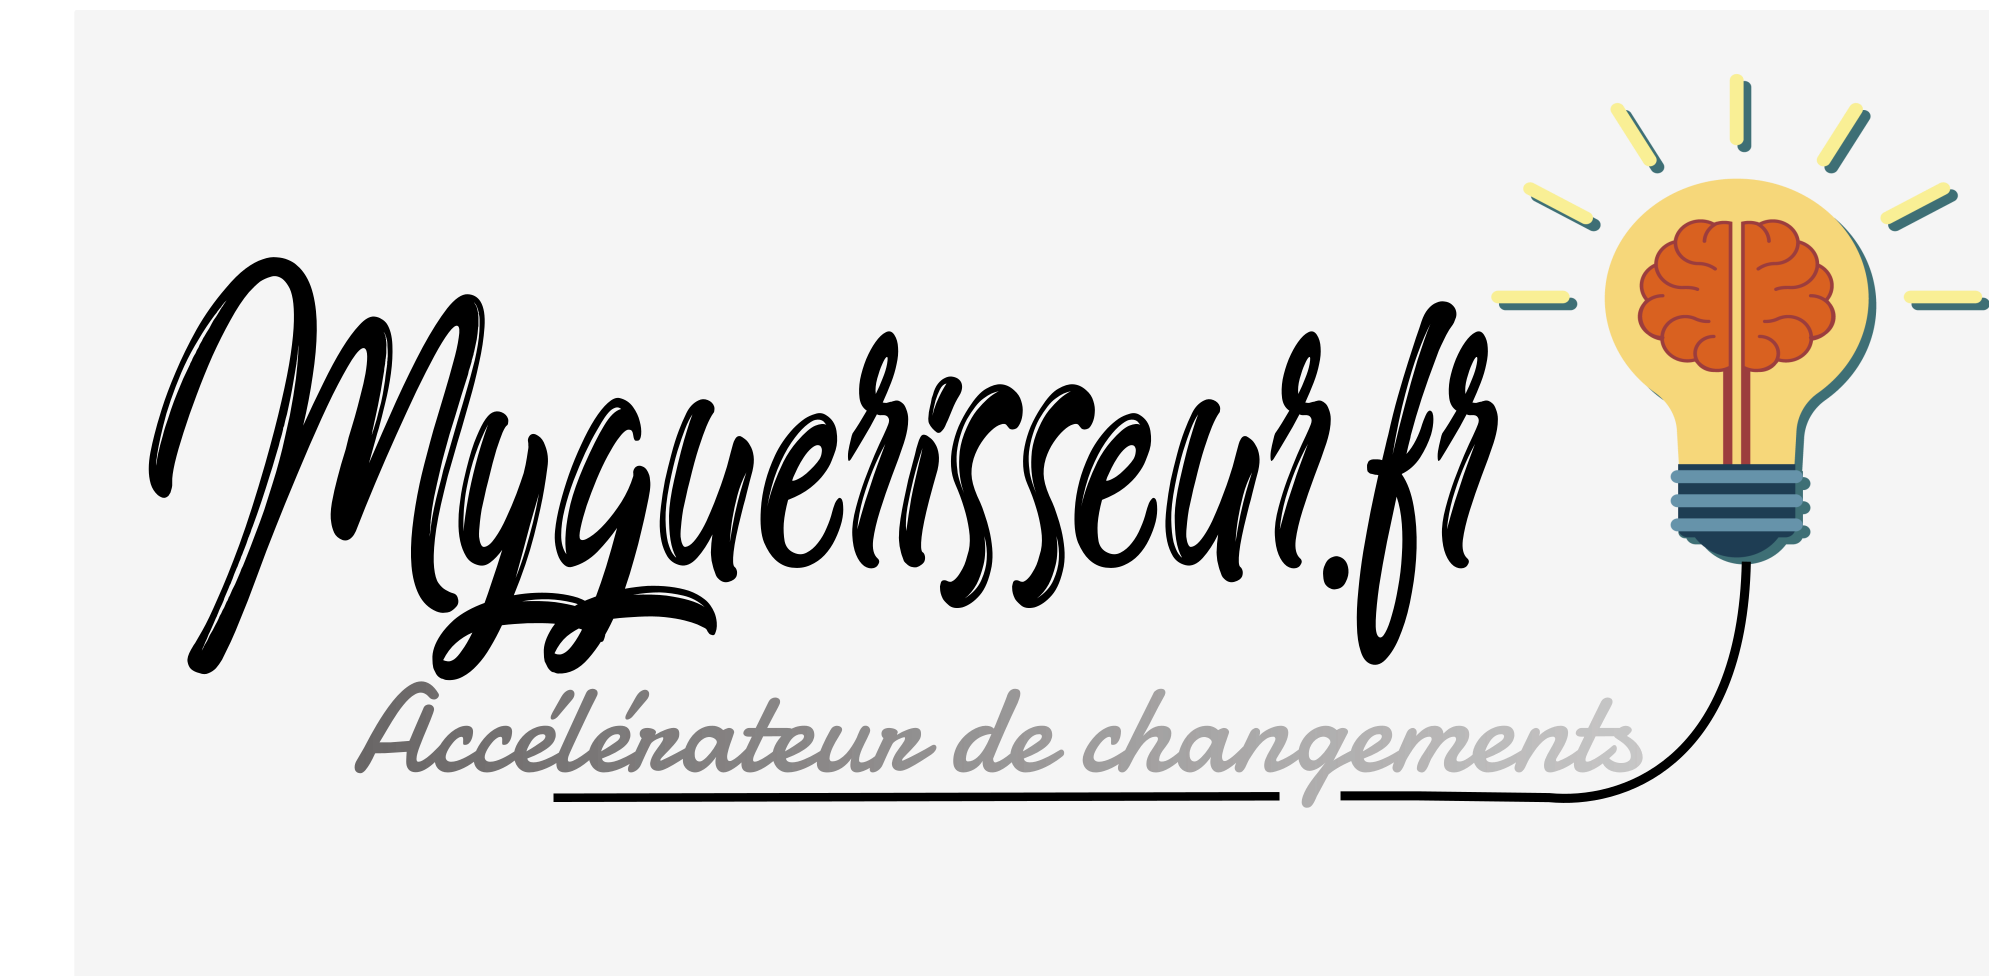 Myguerisseur.fr